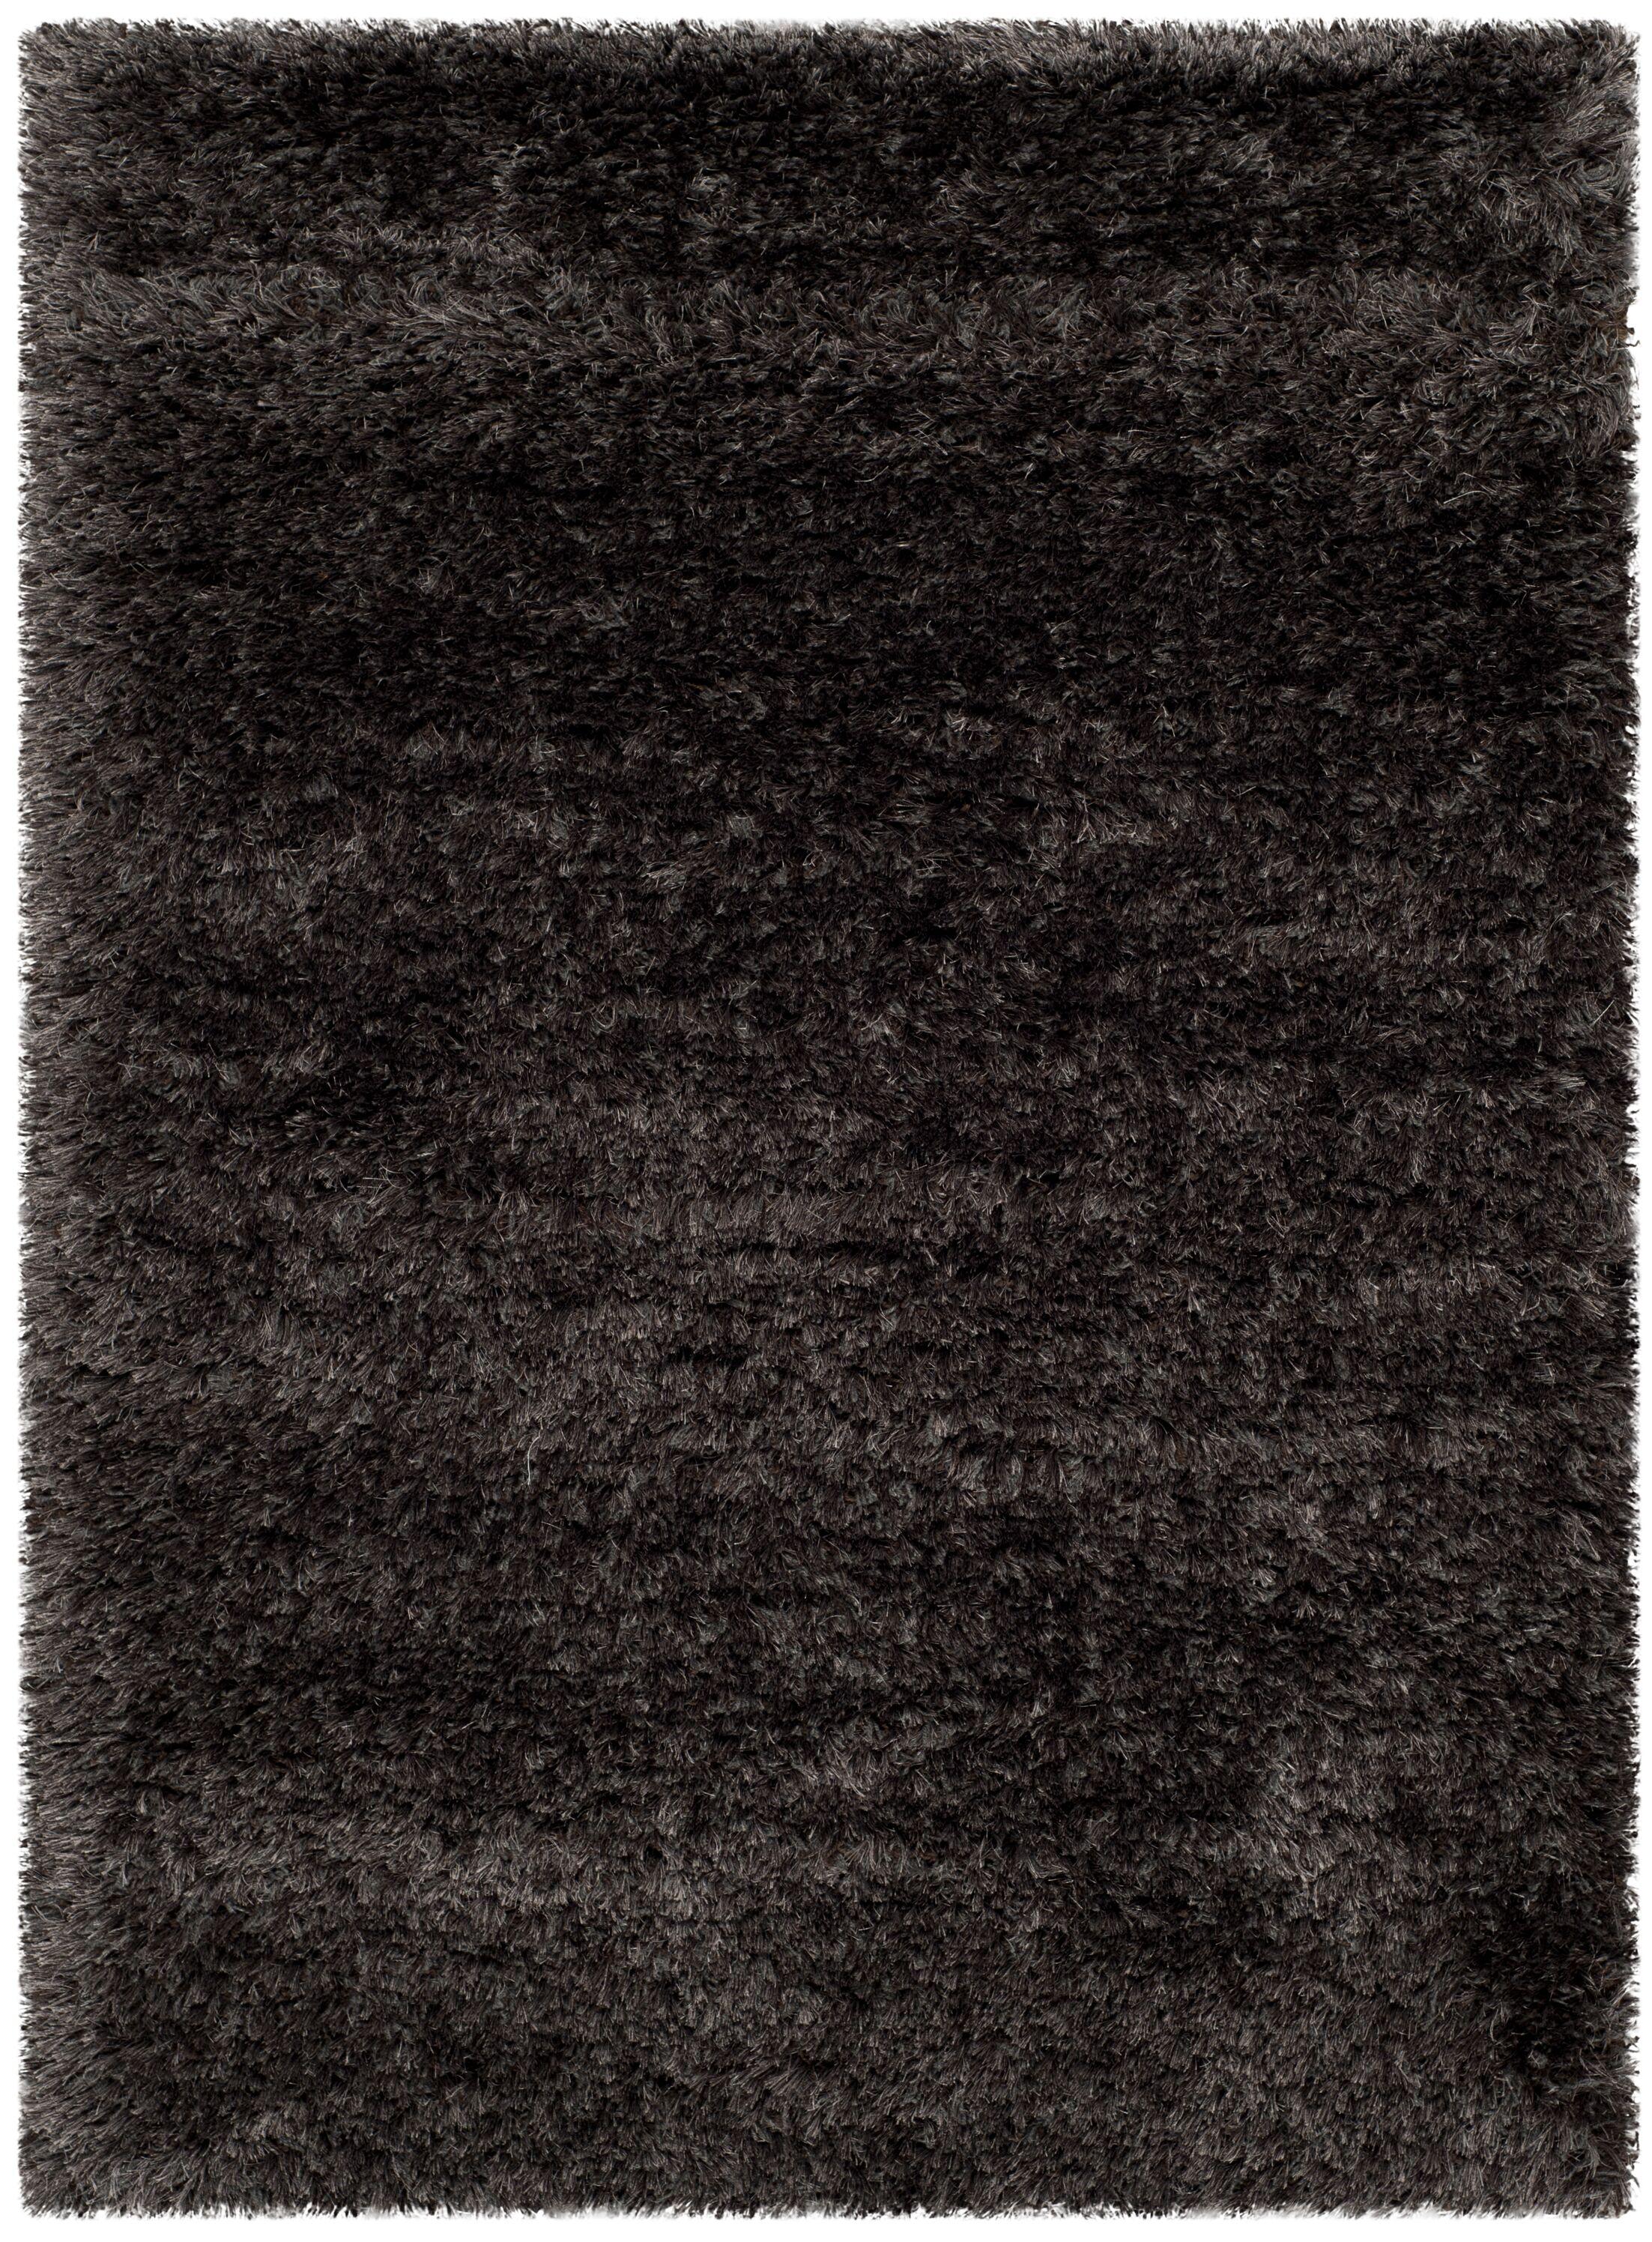 Adaline Black Area Rug Rug Size: Rectangle 2'7